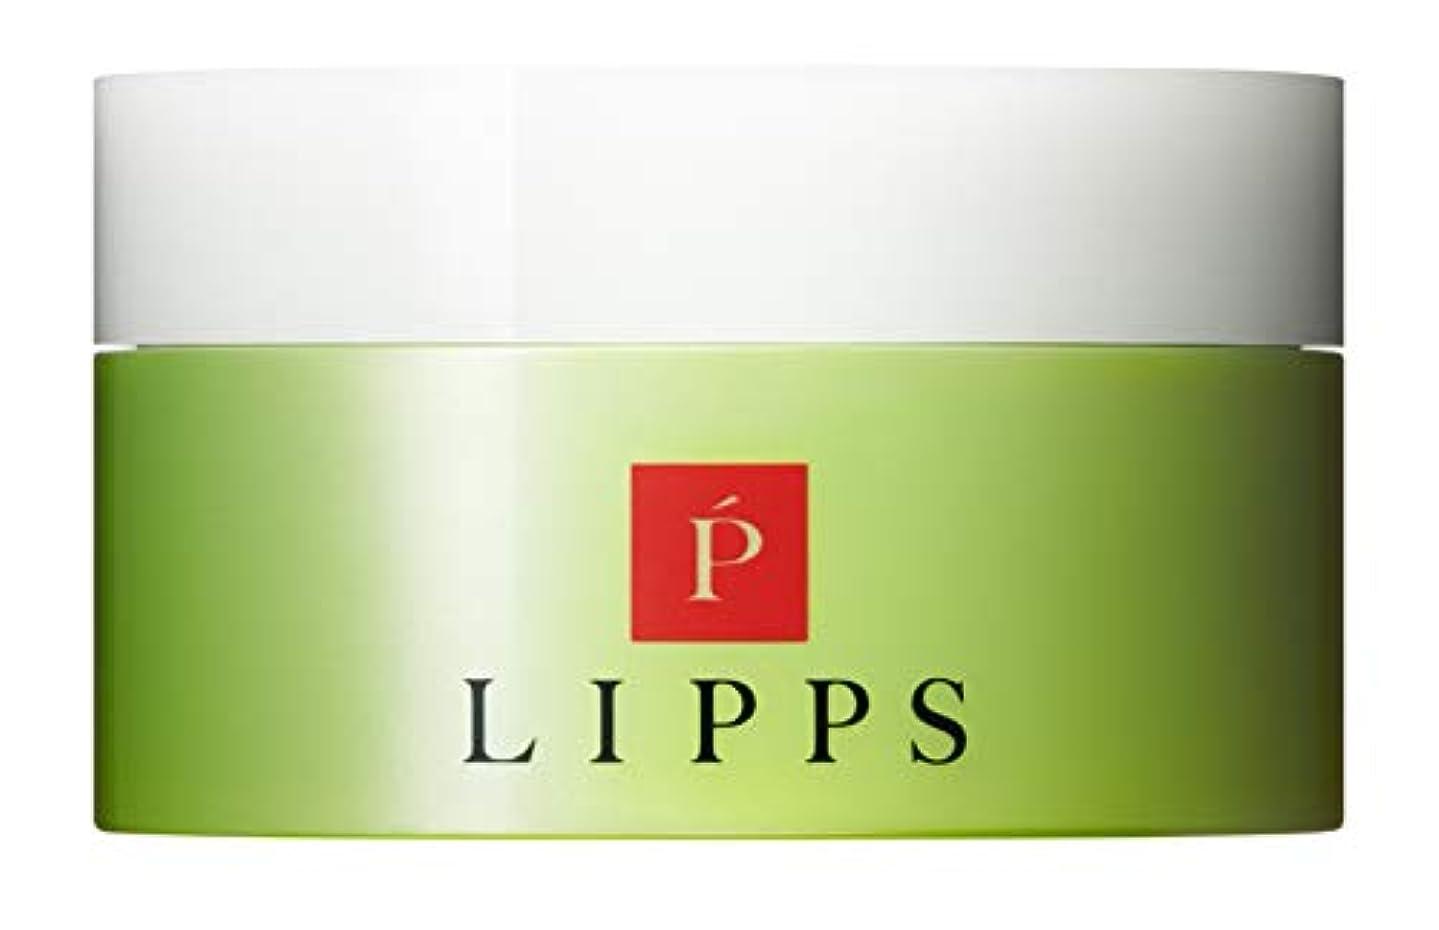 マーカー自動車アプト【エアリー×自然な束感】LIPPS L11ライトムーブワックス (85g)